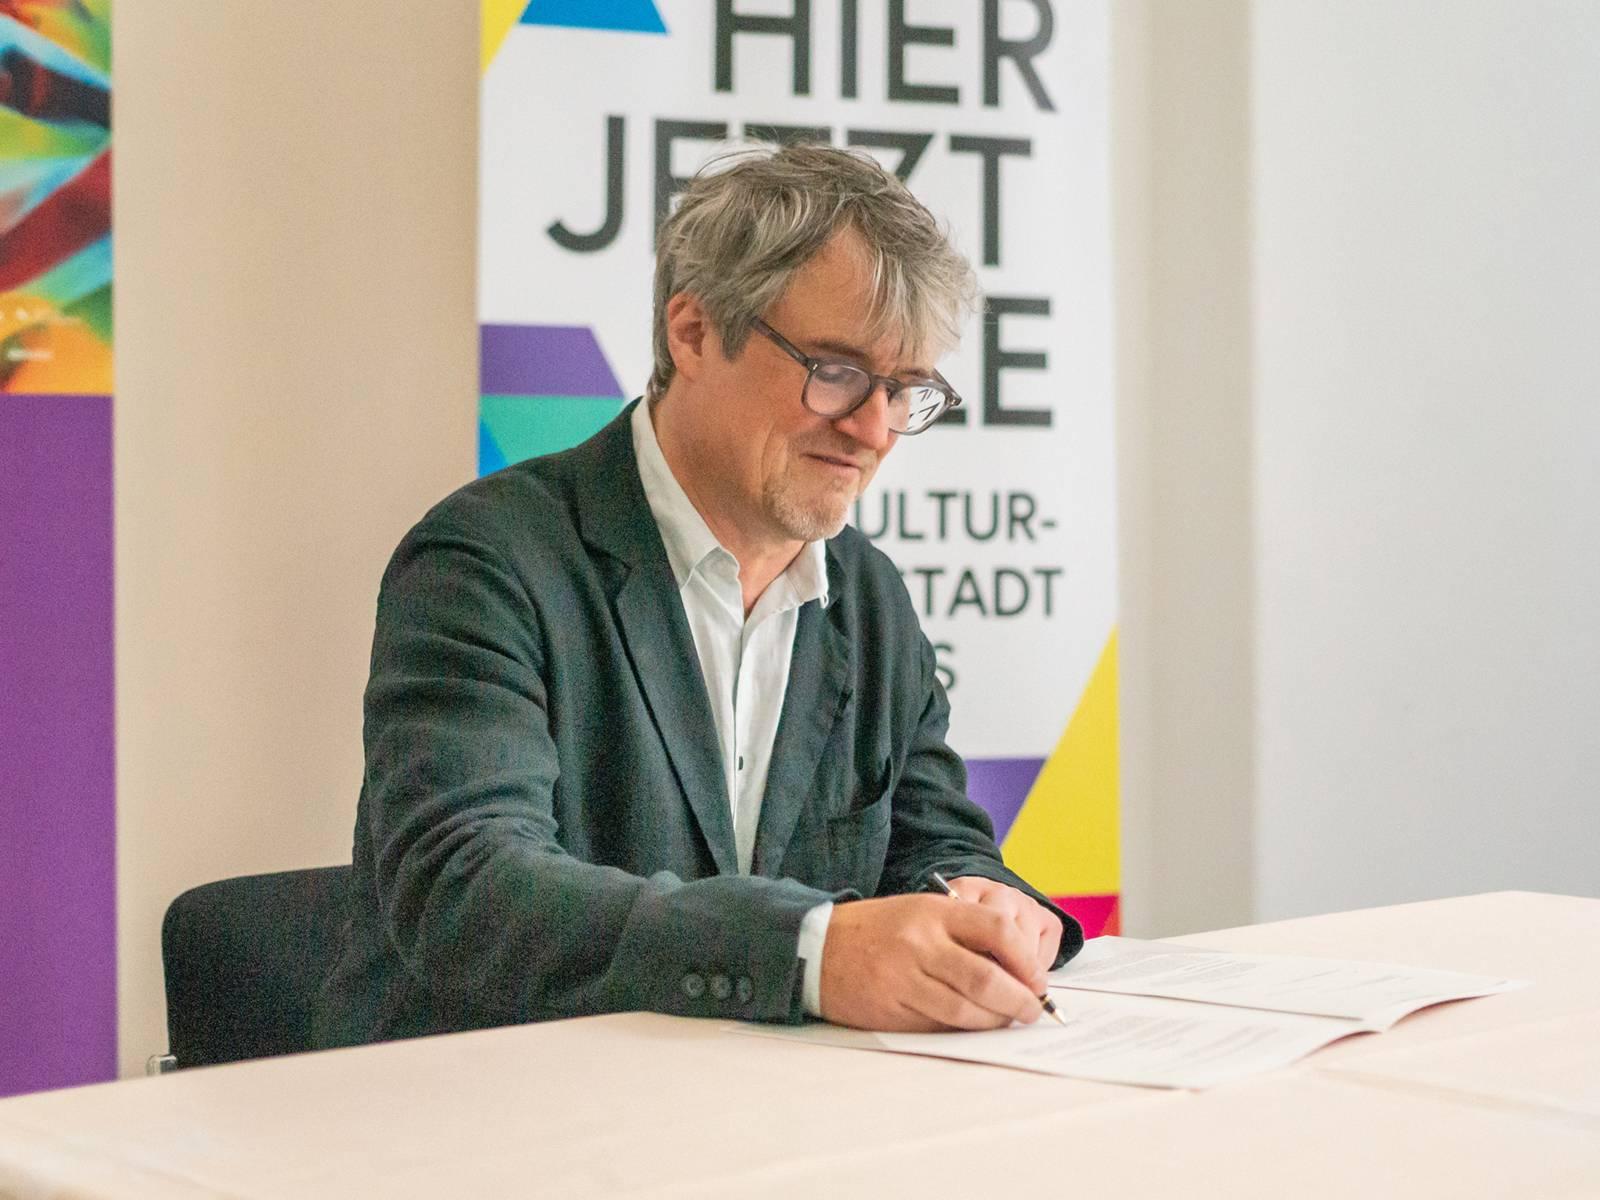 Ein Mann sitzt an einem Tisch und unterschreibt einen Vertrag